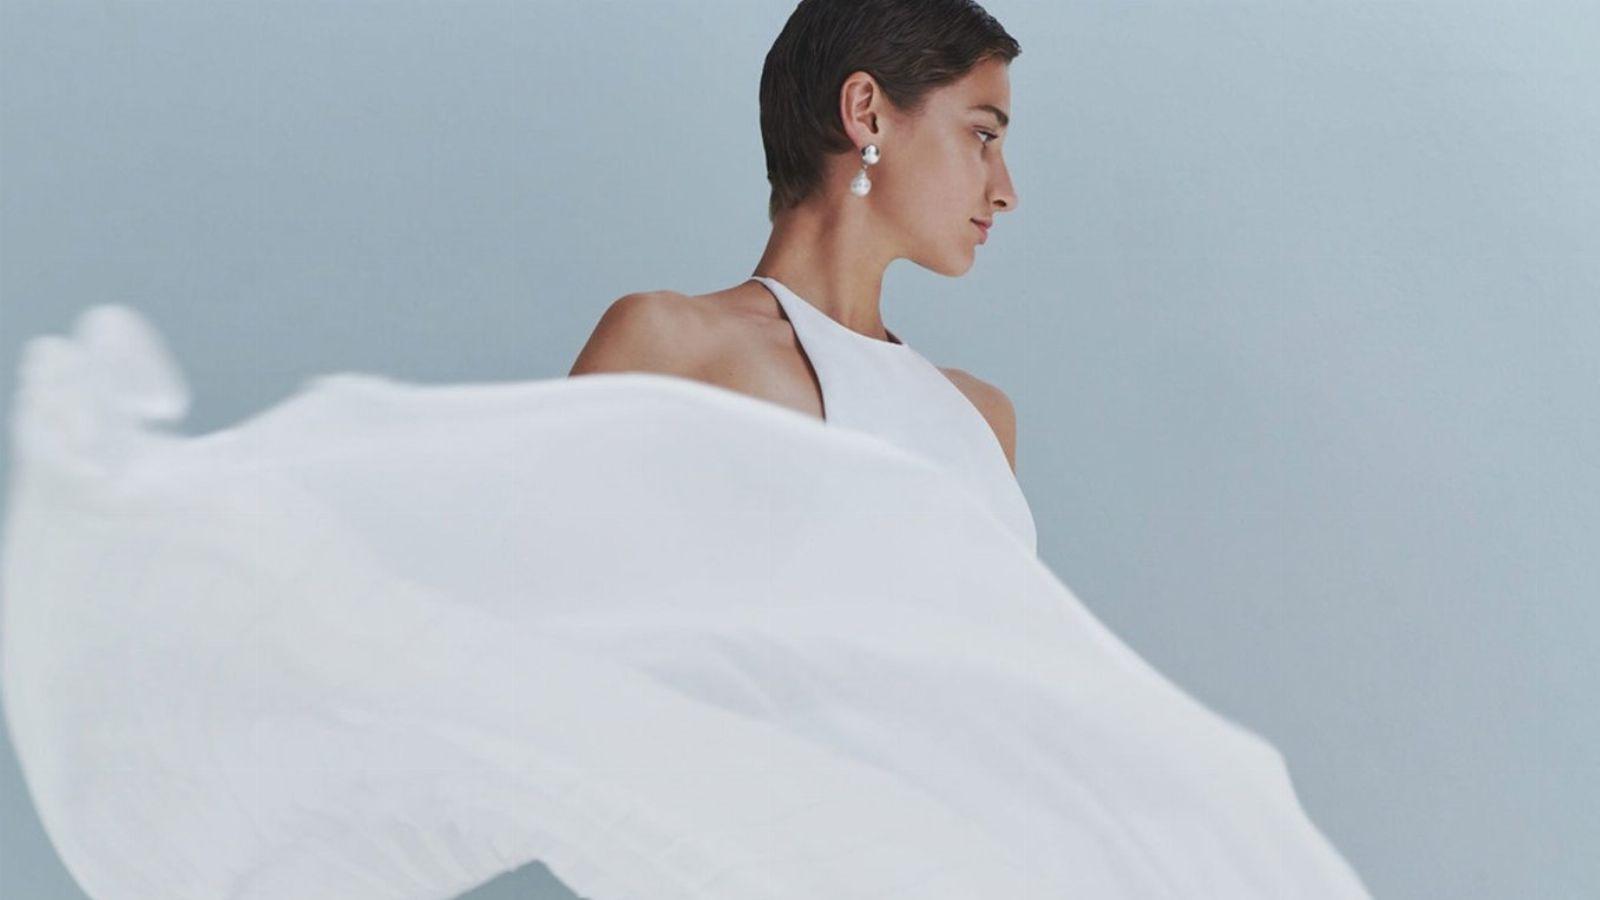 Brautkleider von Galvan: 10 perfekte Hochzeitskleider für minimalistische Bräute